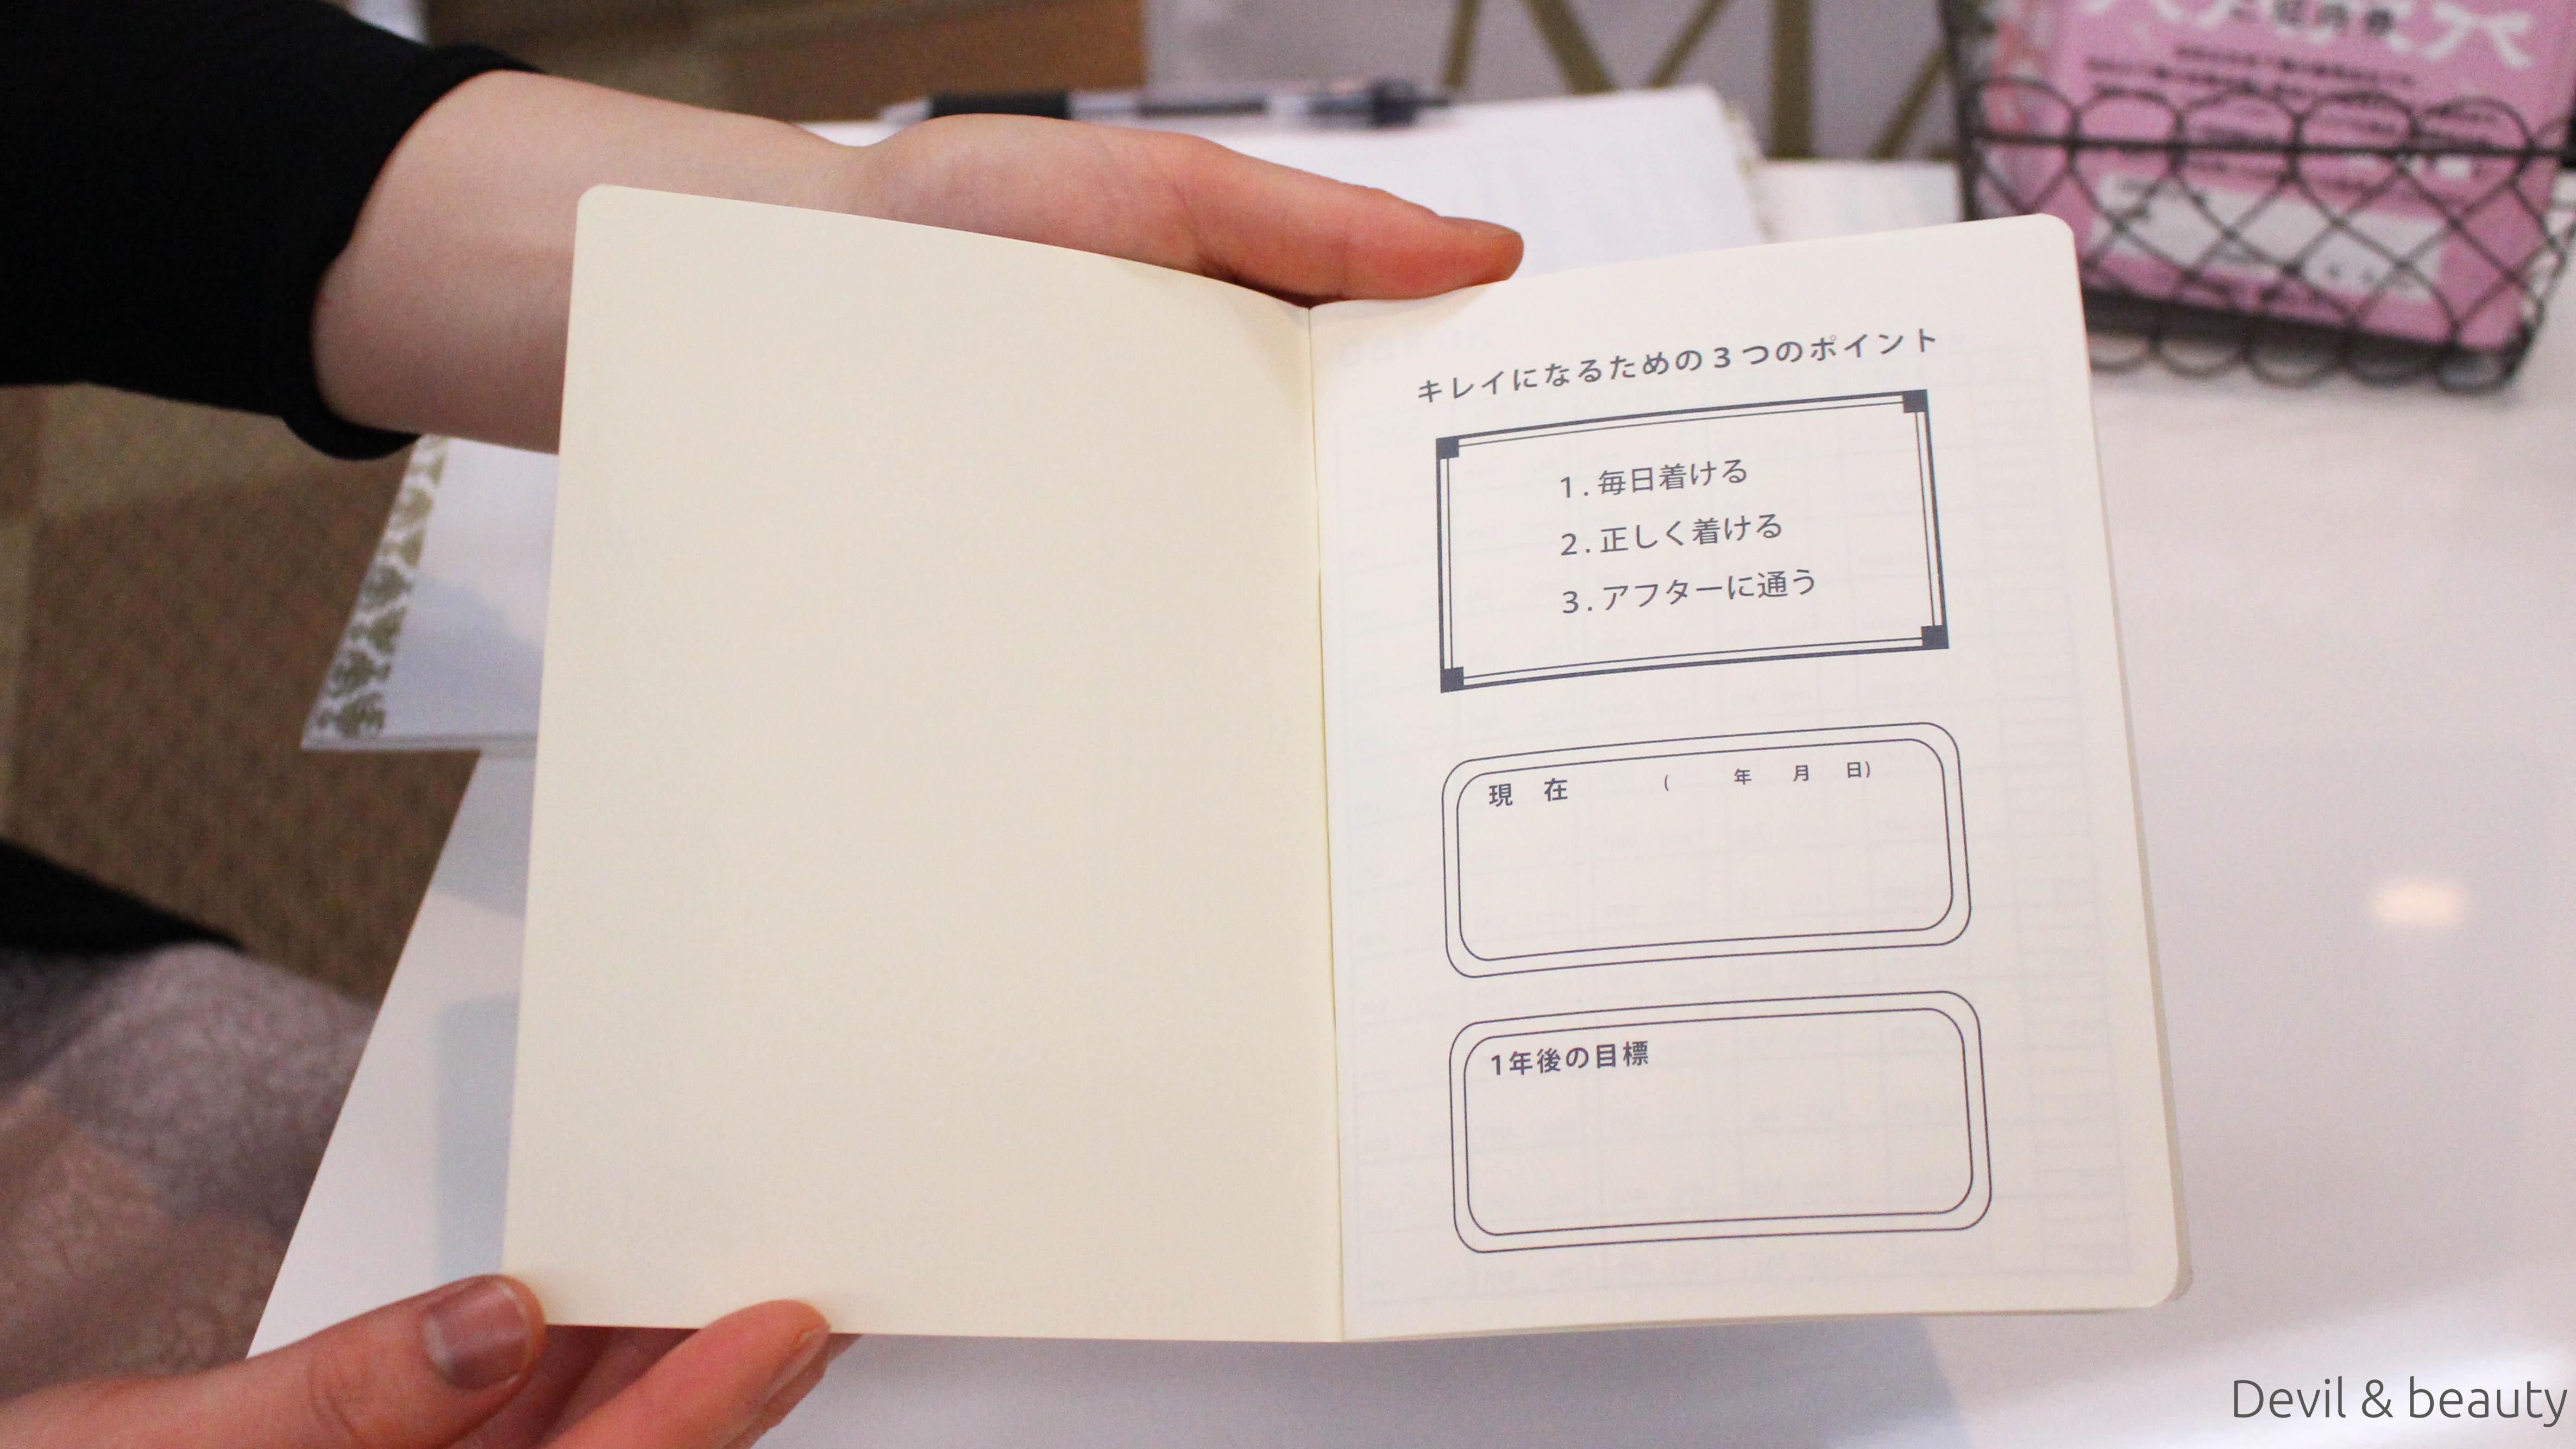 maruko-shinjyuku-4times17 - image